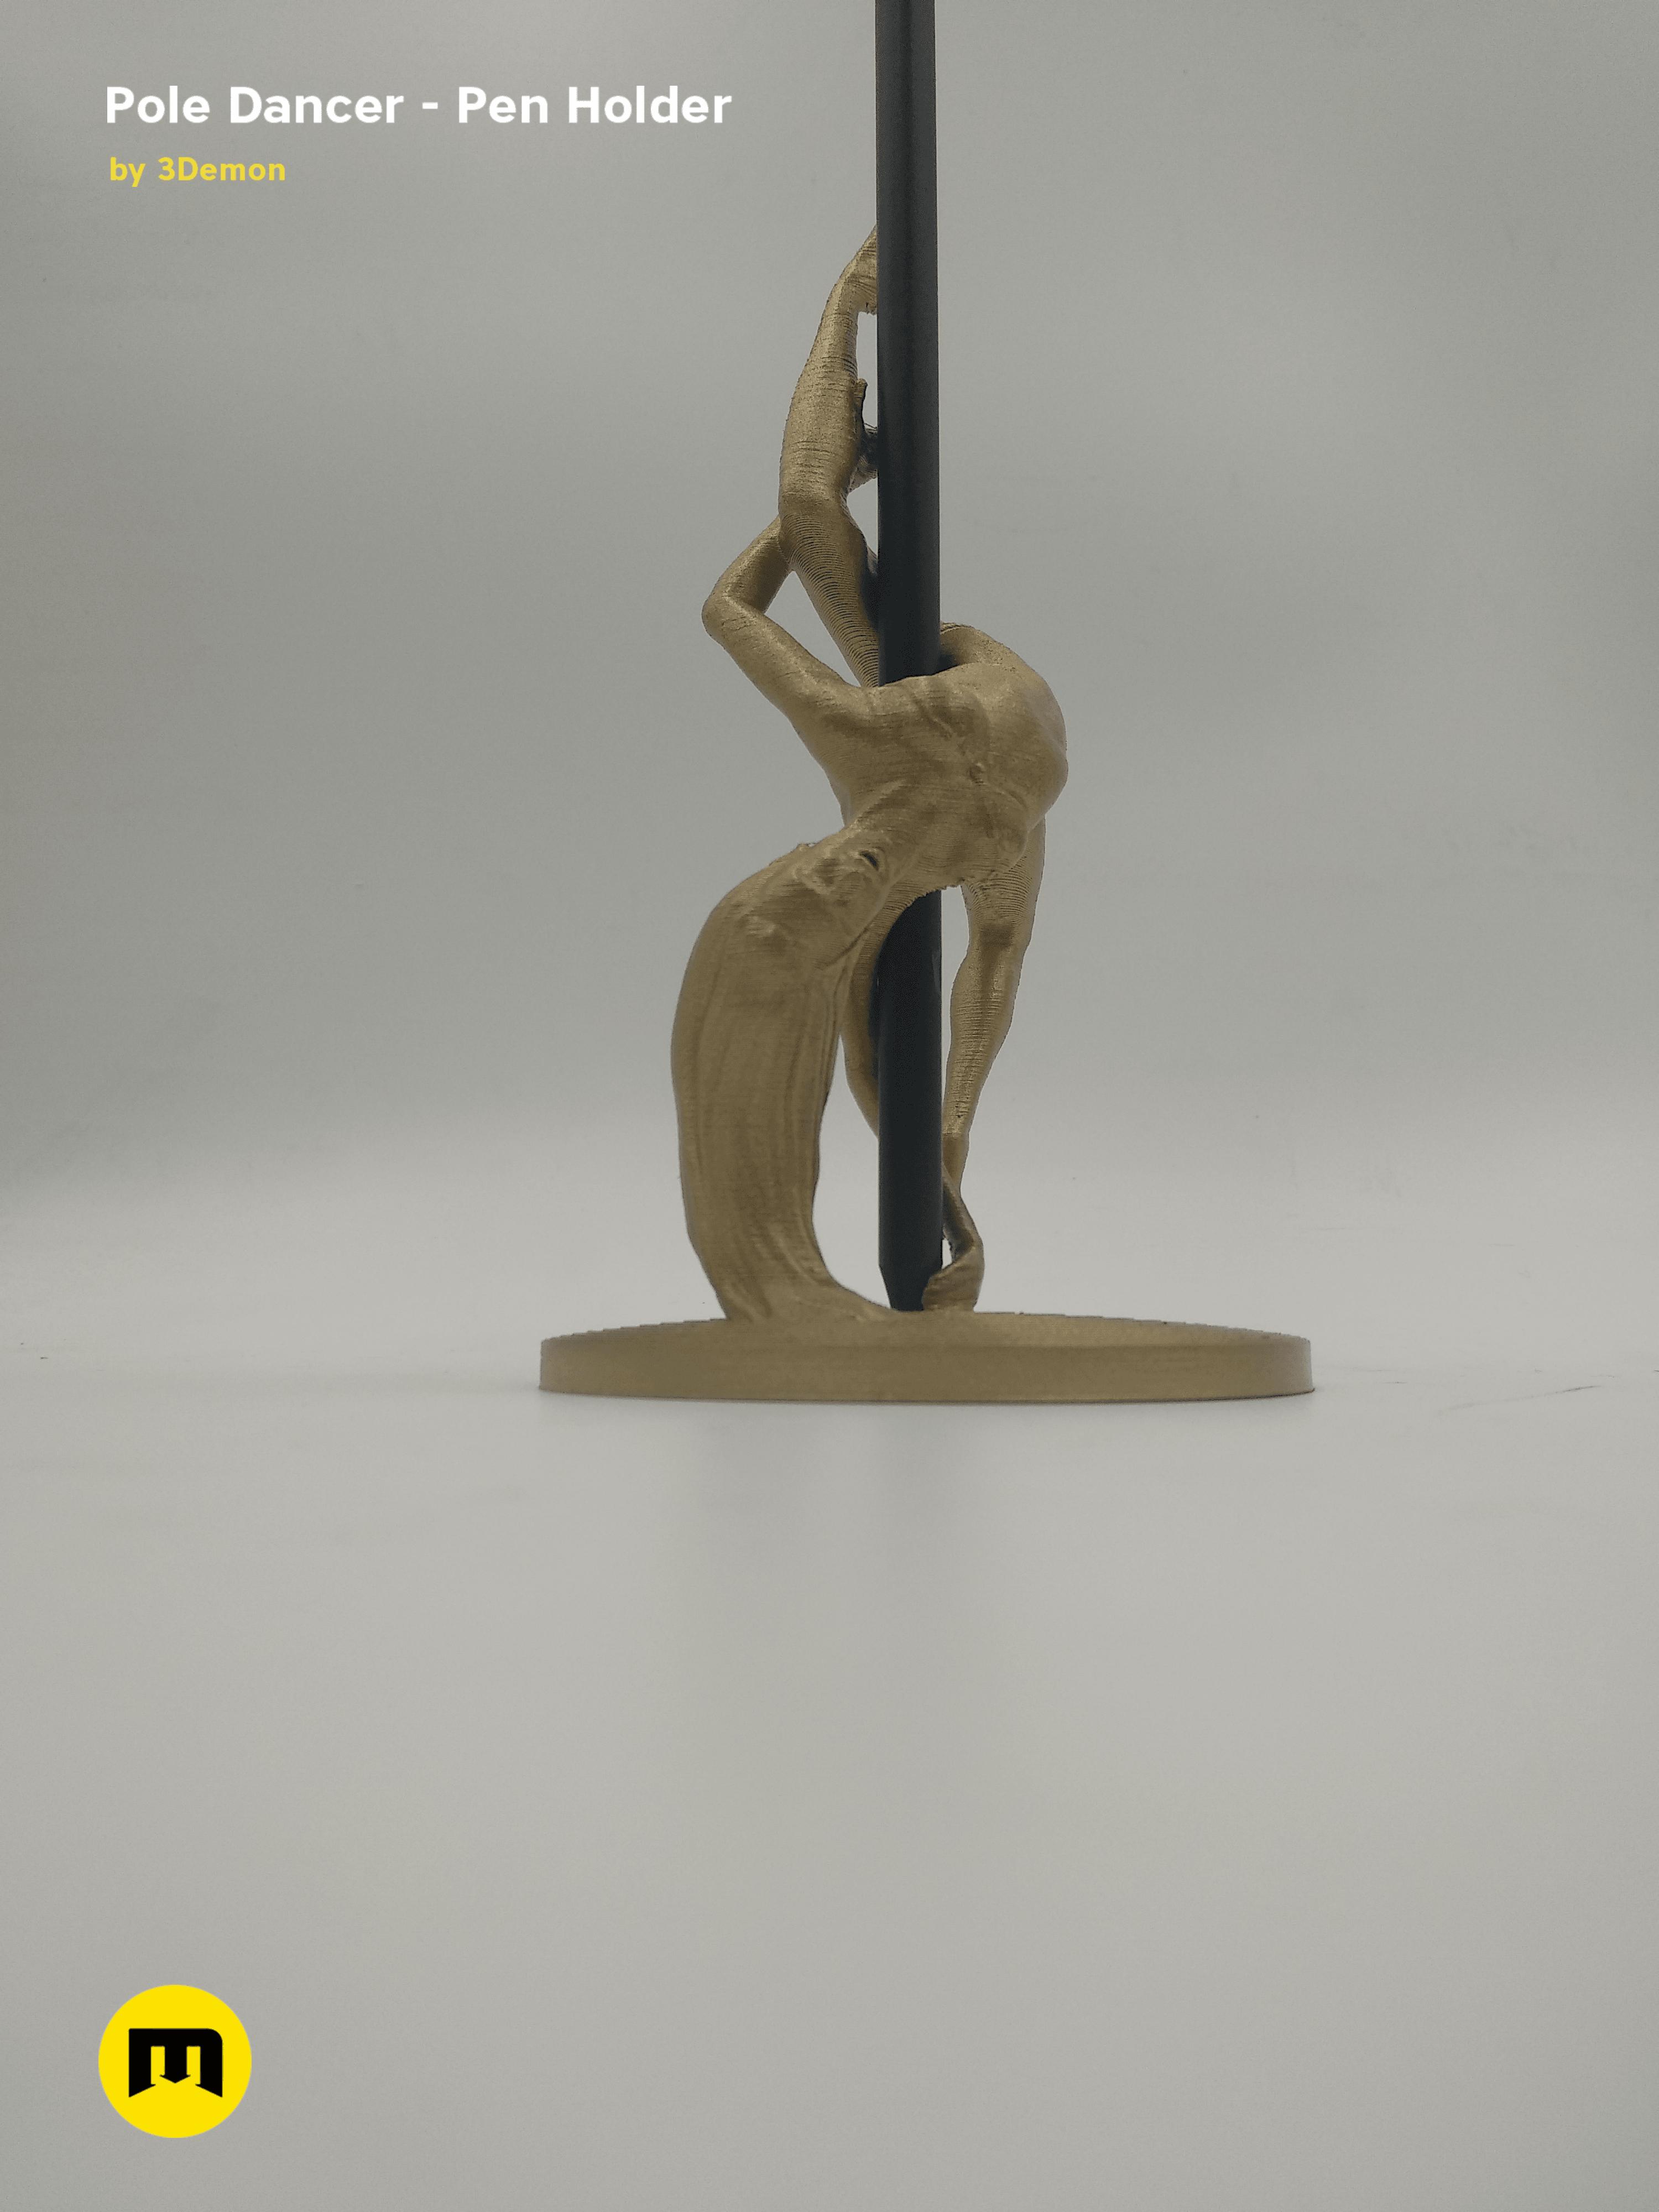 IMG_20190220_084848.png Download STL file Pole Dancer - Pen Holder • Object to 3D print, 3D-mon